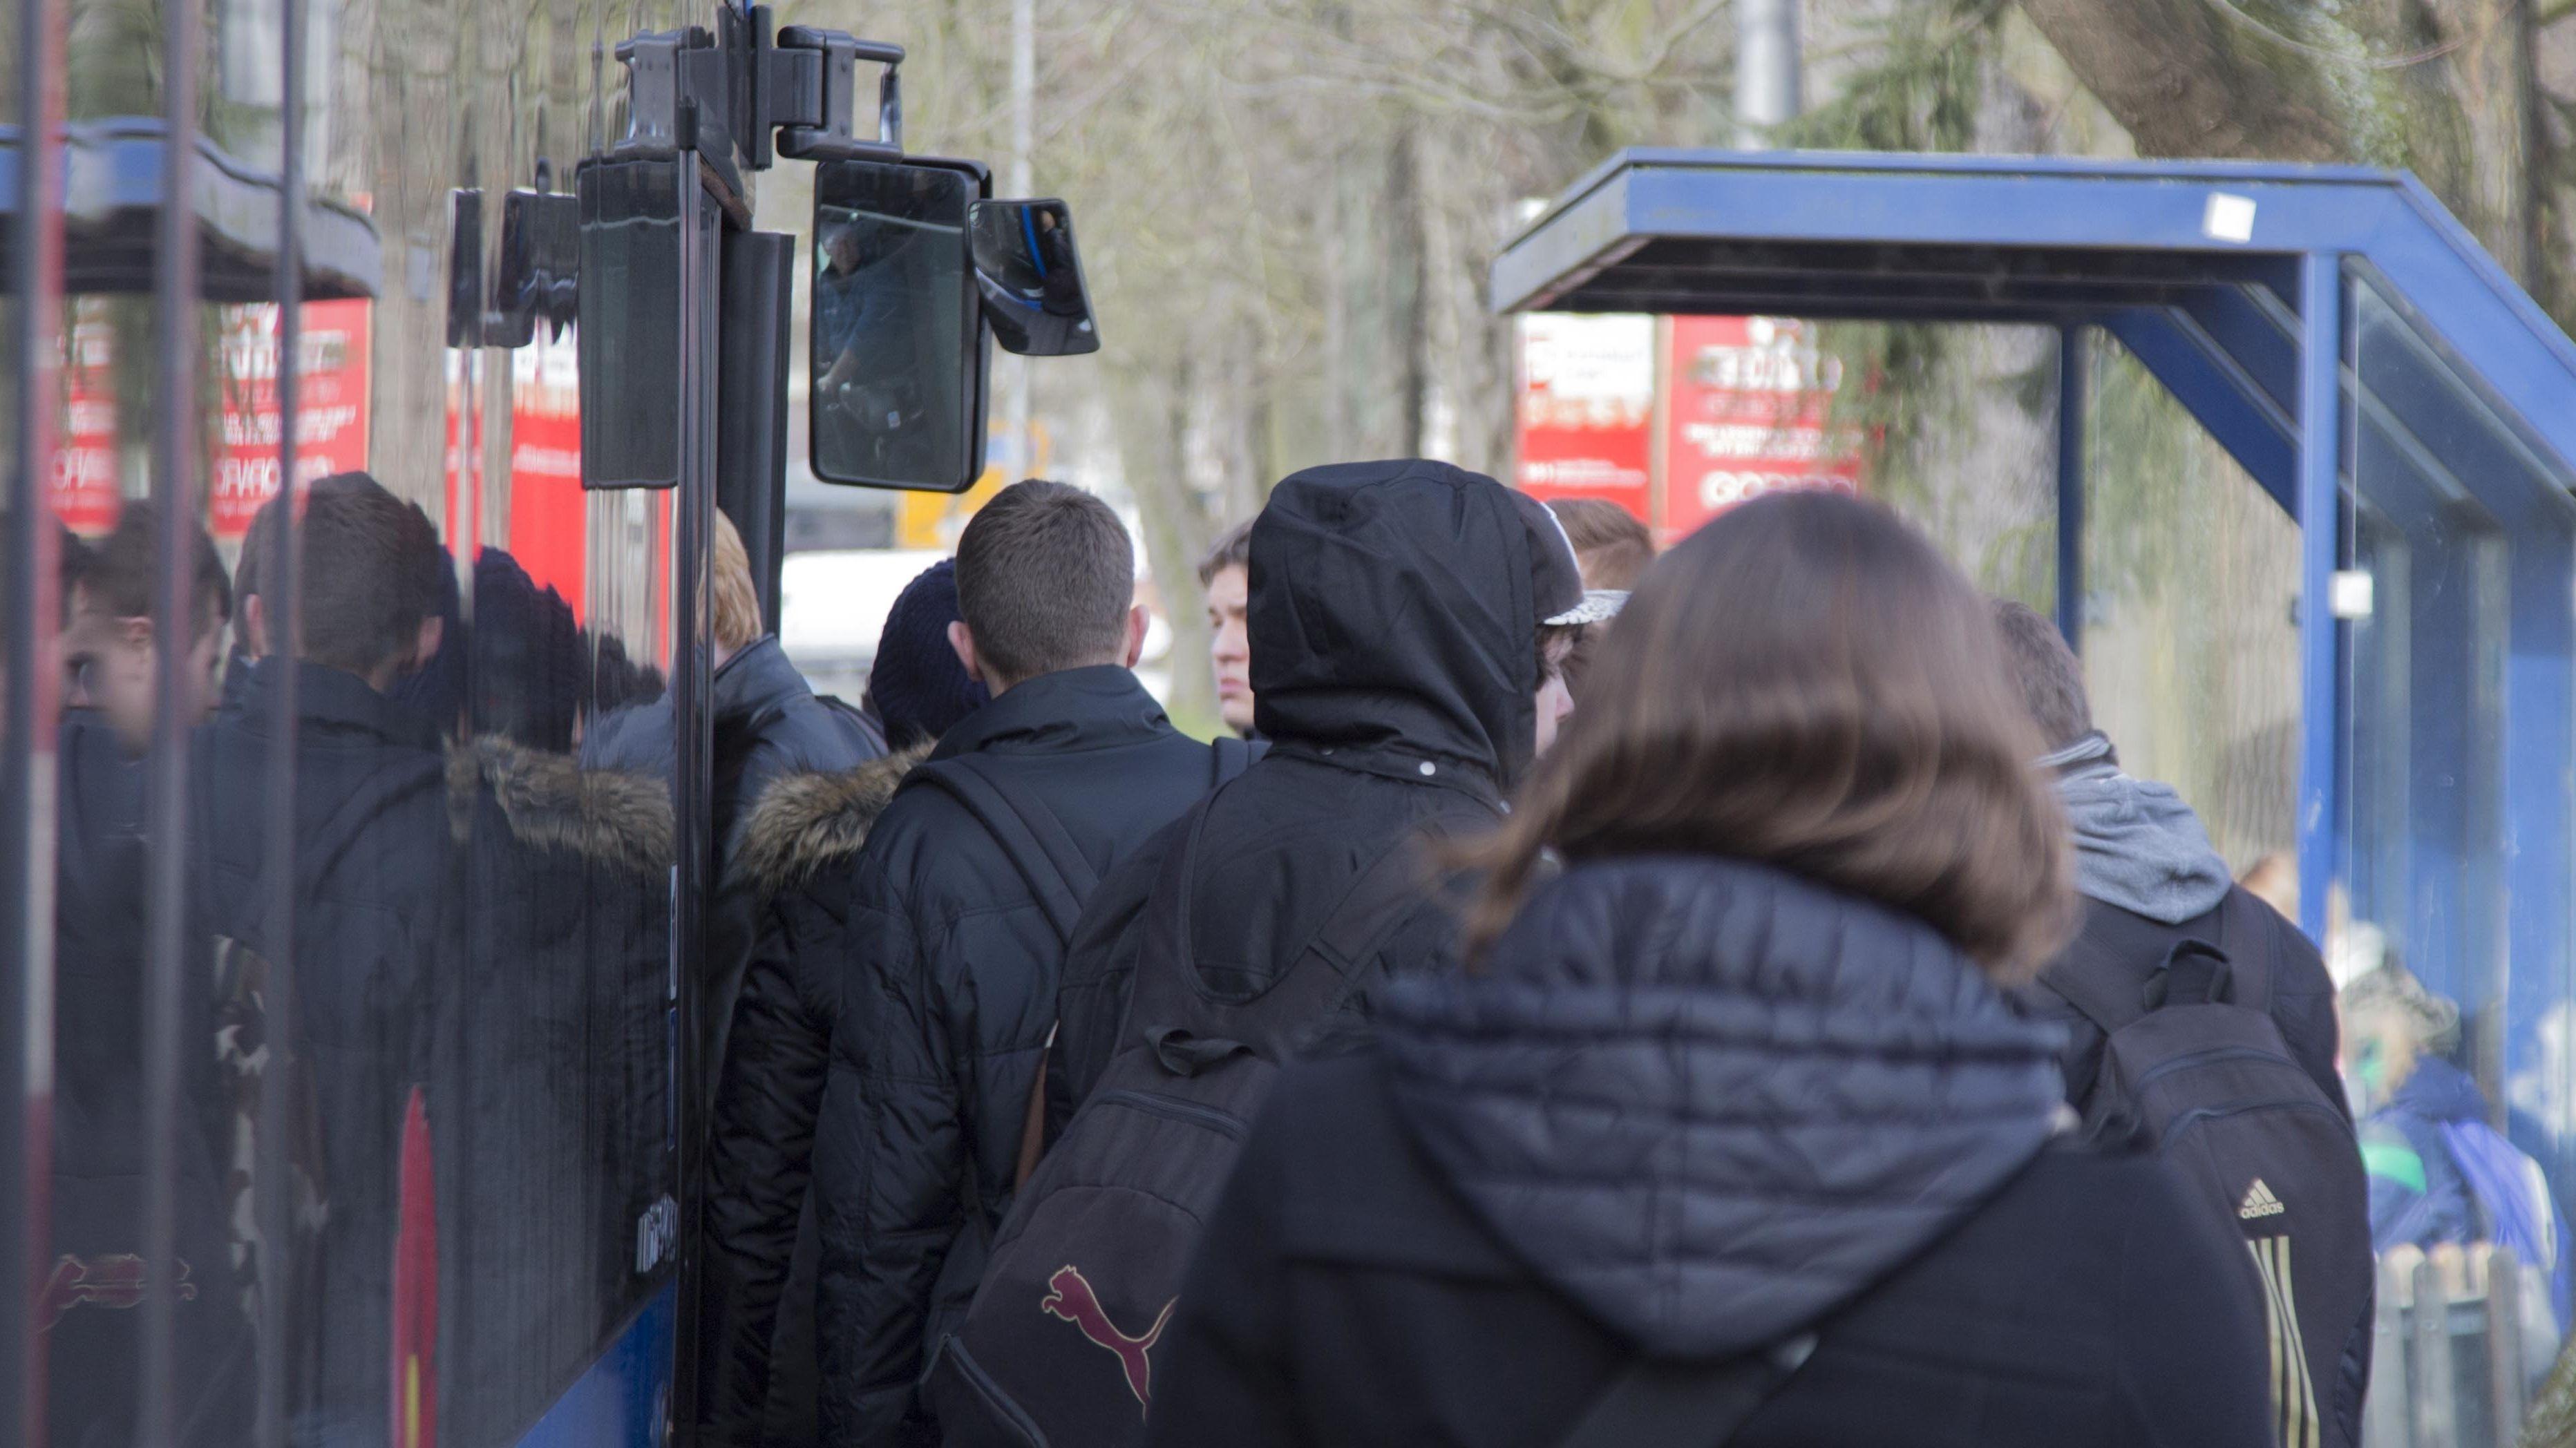 Fahrgäste an einem Linienbus (Symbolbild)